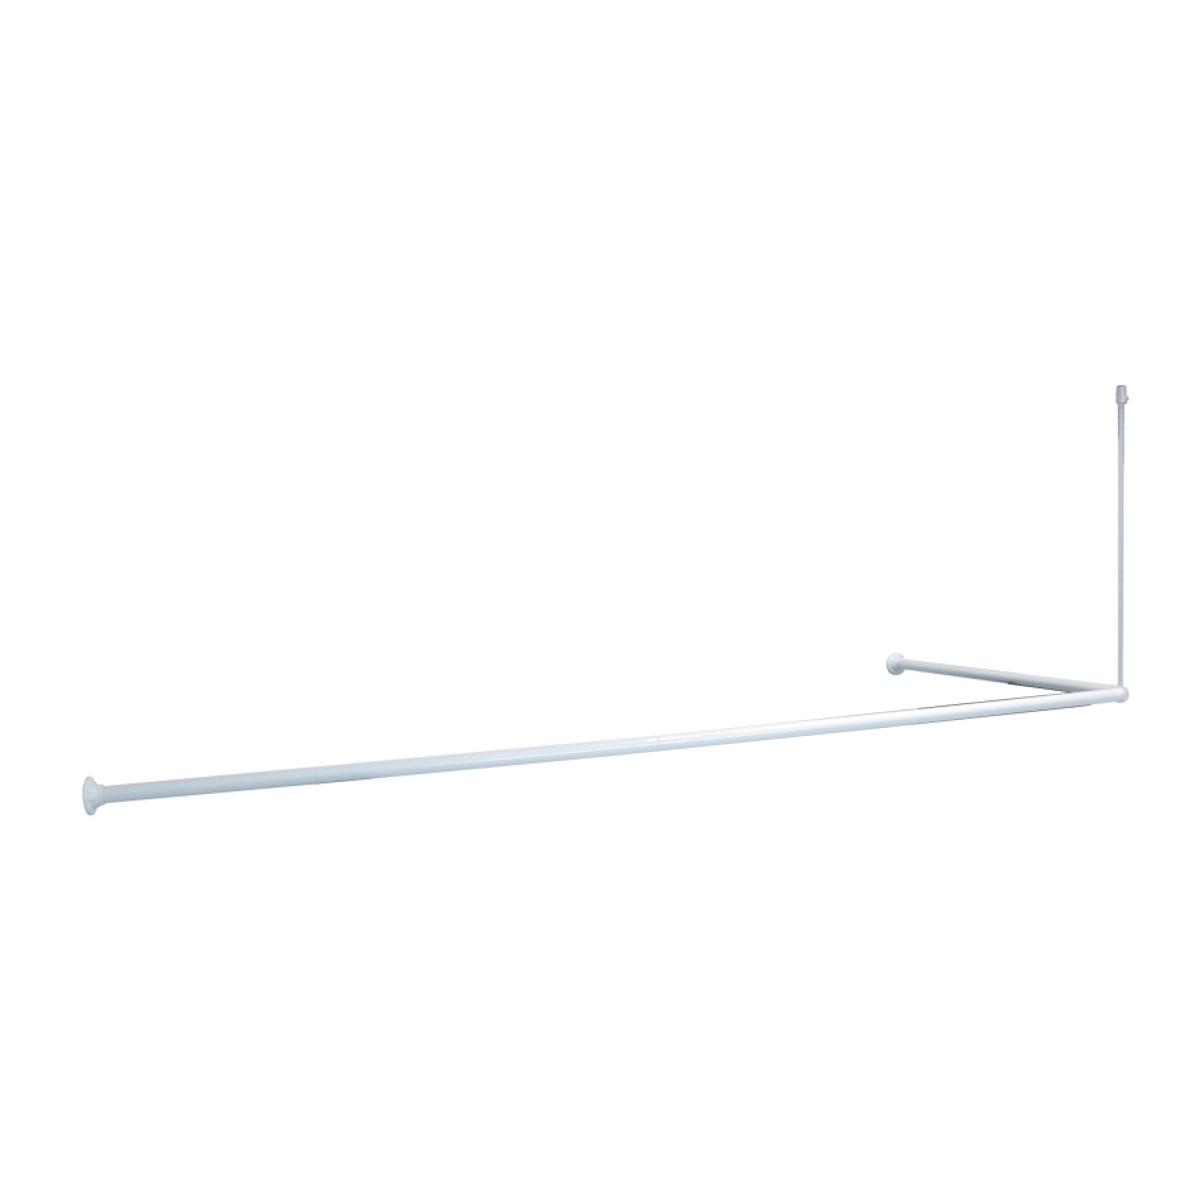 Карниз для ванной Iddis, угловой, цвет: белый, 90 х 90 х 90 (90 х 180) см040A200I14Угловой карниз Iddis изготовлен из алюминия с покрытием из ПВХ. Карниз имеет крепление к потолку.предотвращая скольжение и повреждение стен в ванной. Выдвижная верхняя рама: 25 мм.Толщина: 0,5 мм.